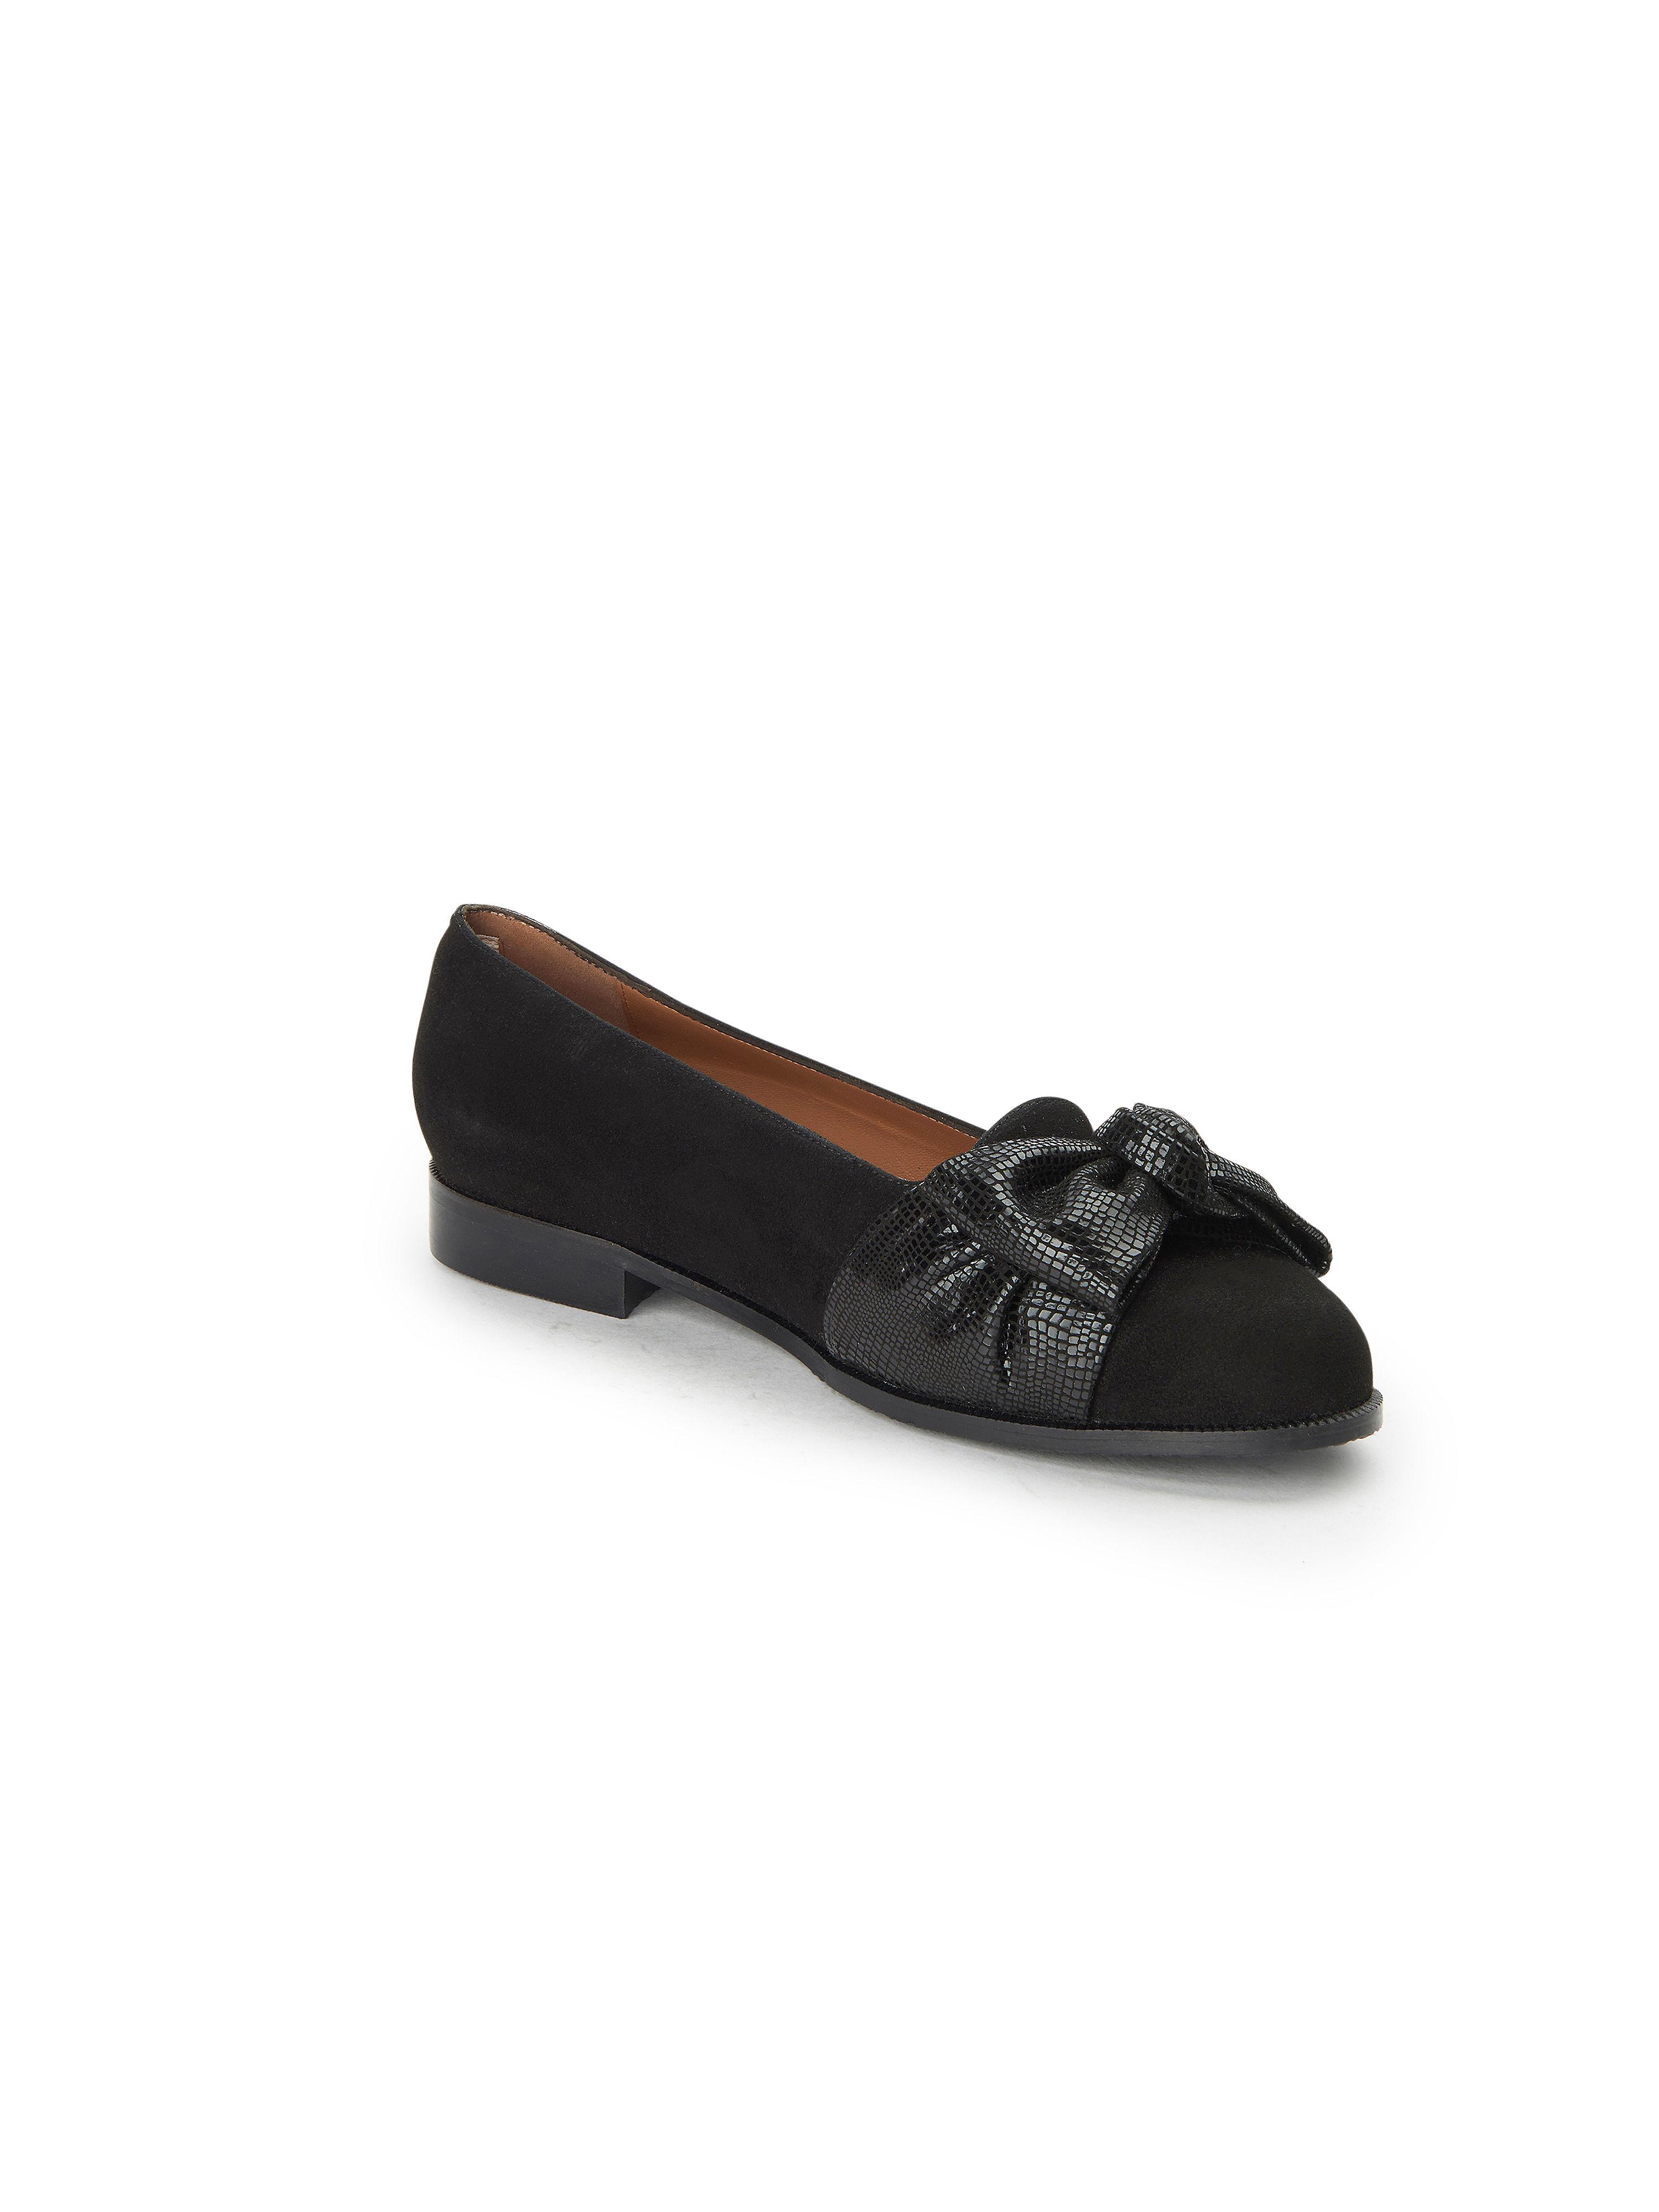 Scarpio - Ballerina aus 100% Leder - Schwarz Gute Qualität beliebte Schuhe